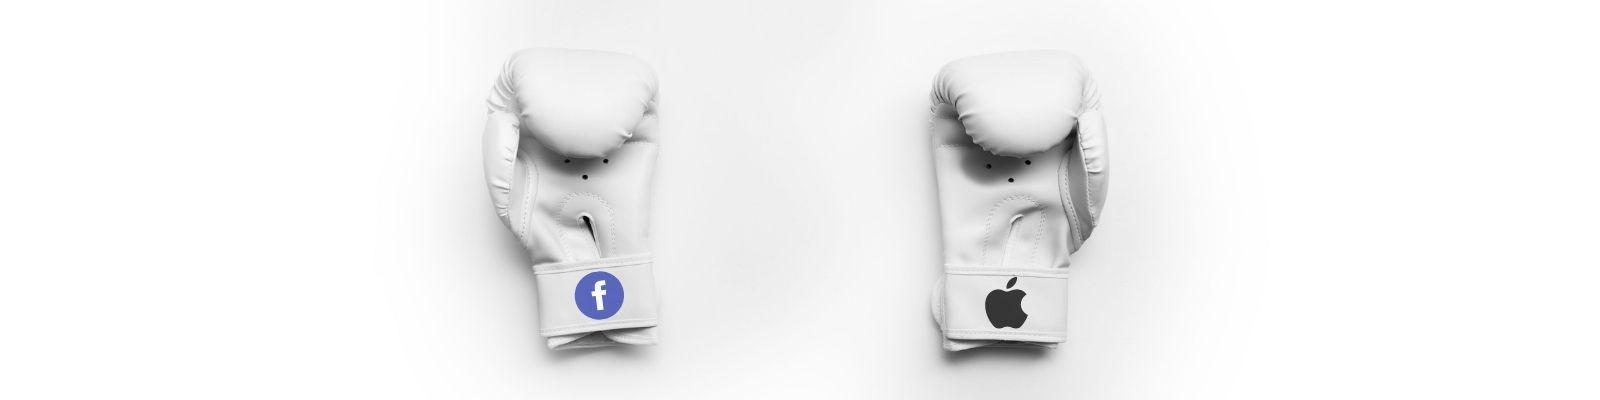 IOS 14: Cómo afecta a las campañas de Facebook Ads y cómo prepararnos☝